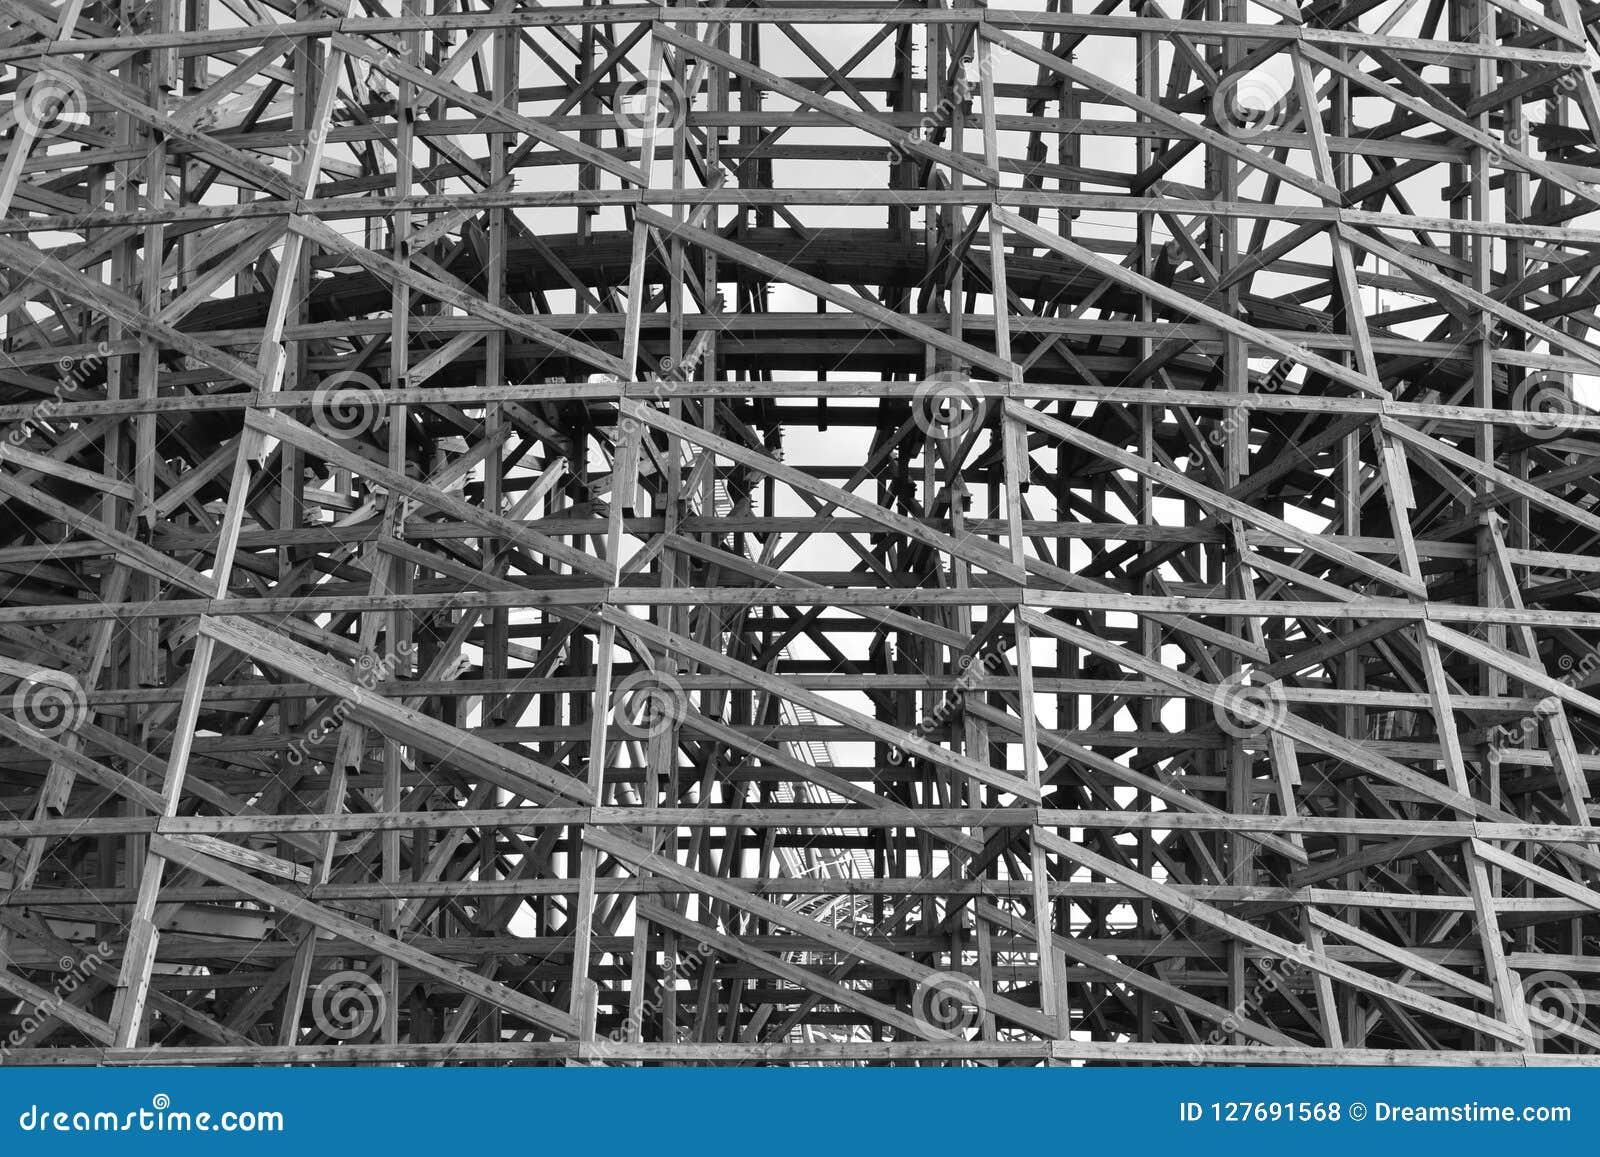 Ξύλινη δομή υποστήριξης ρόλερ κόστερ